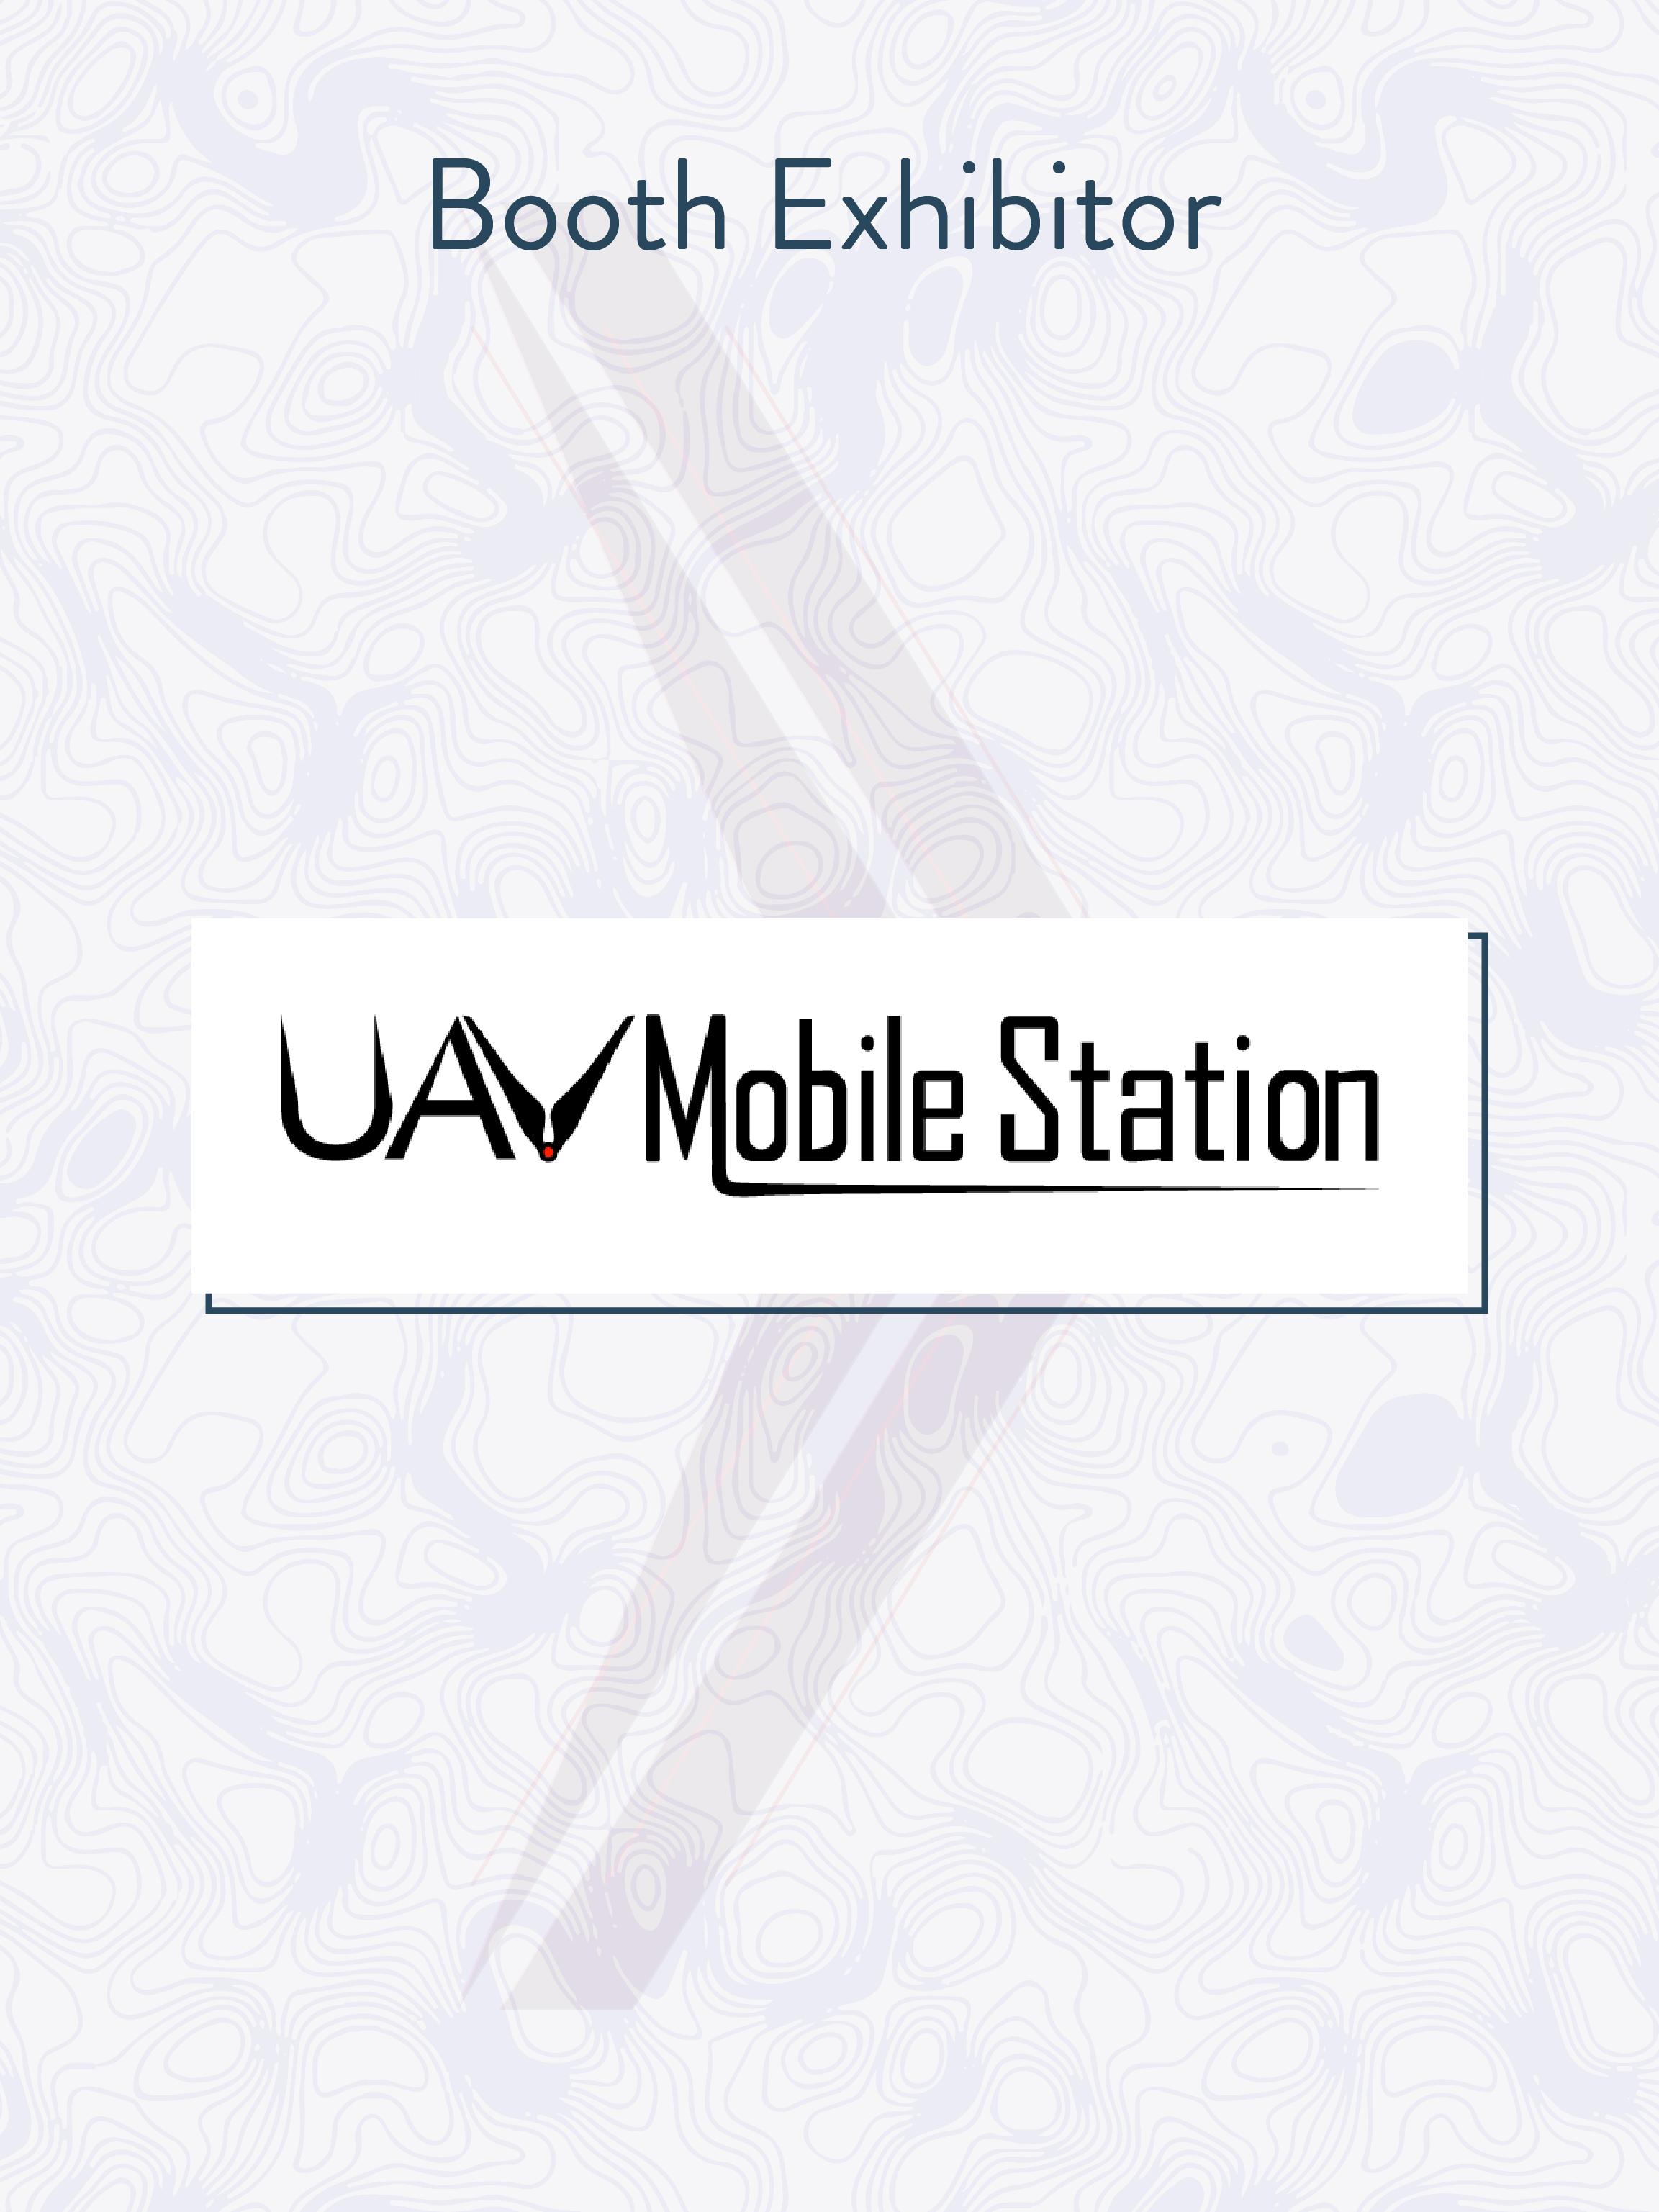 UAV Mobile Station.jpg